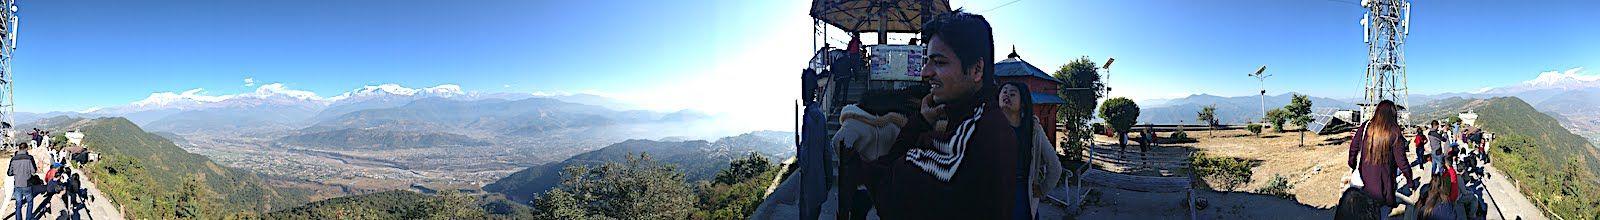 Sarangkot Viewpoint